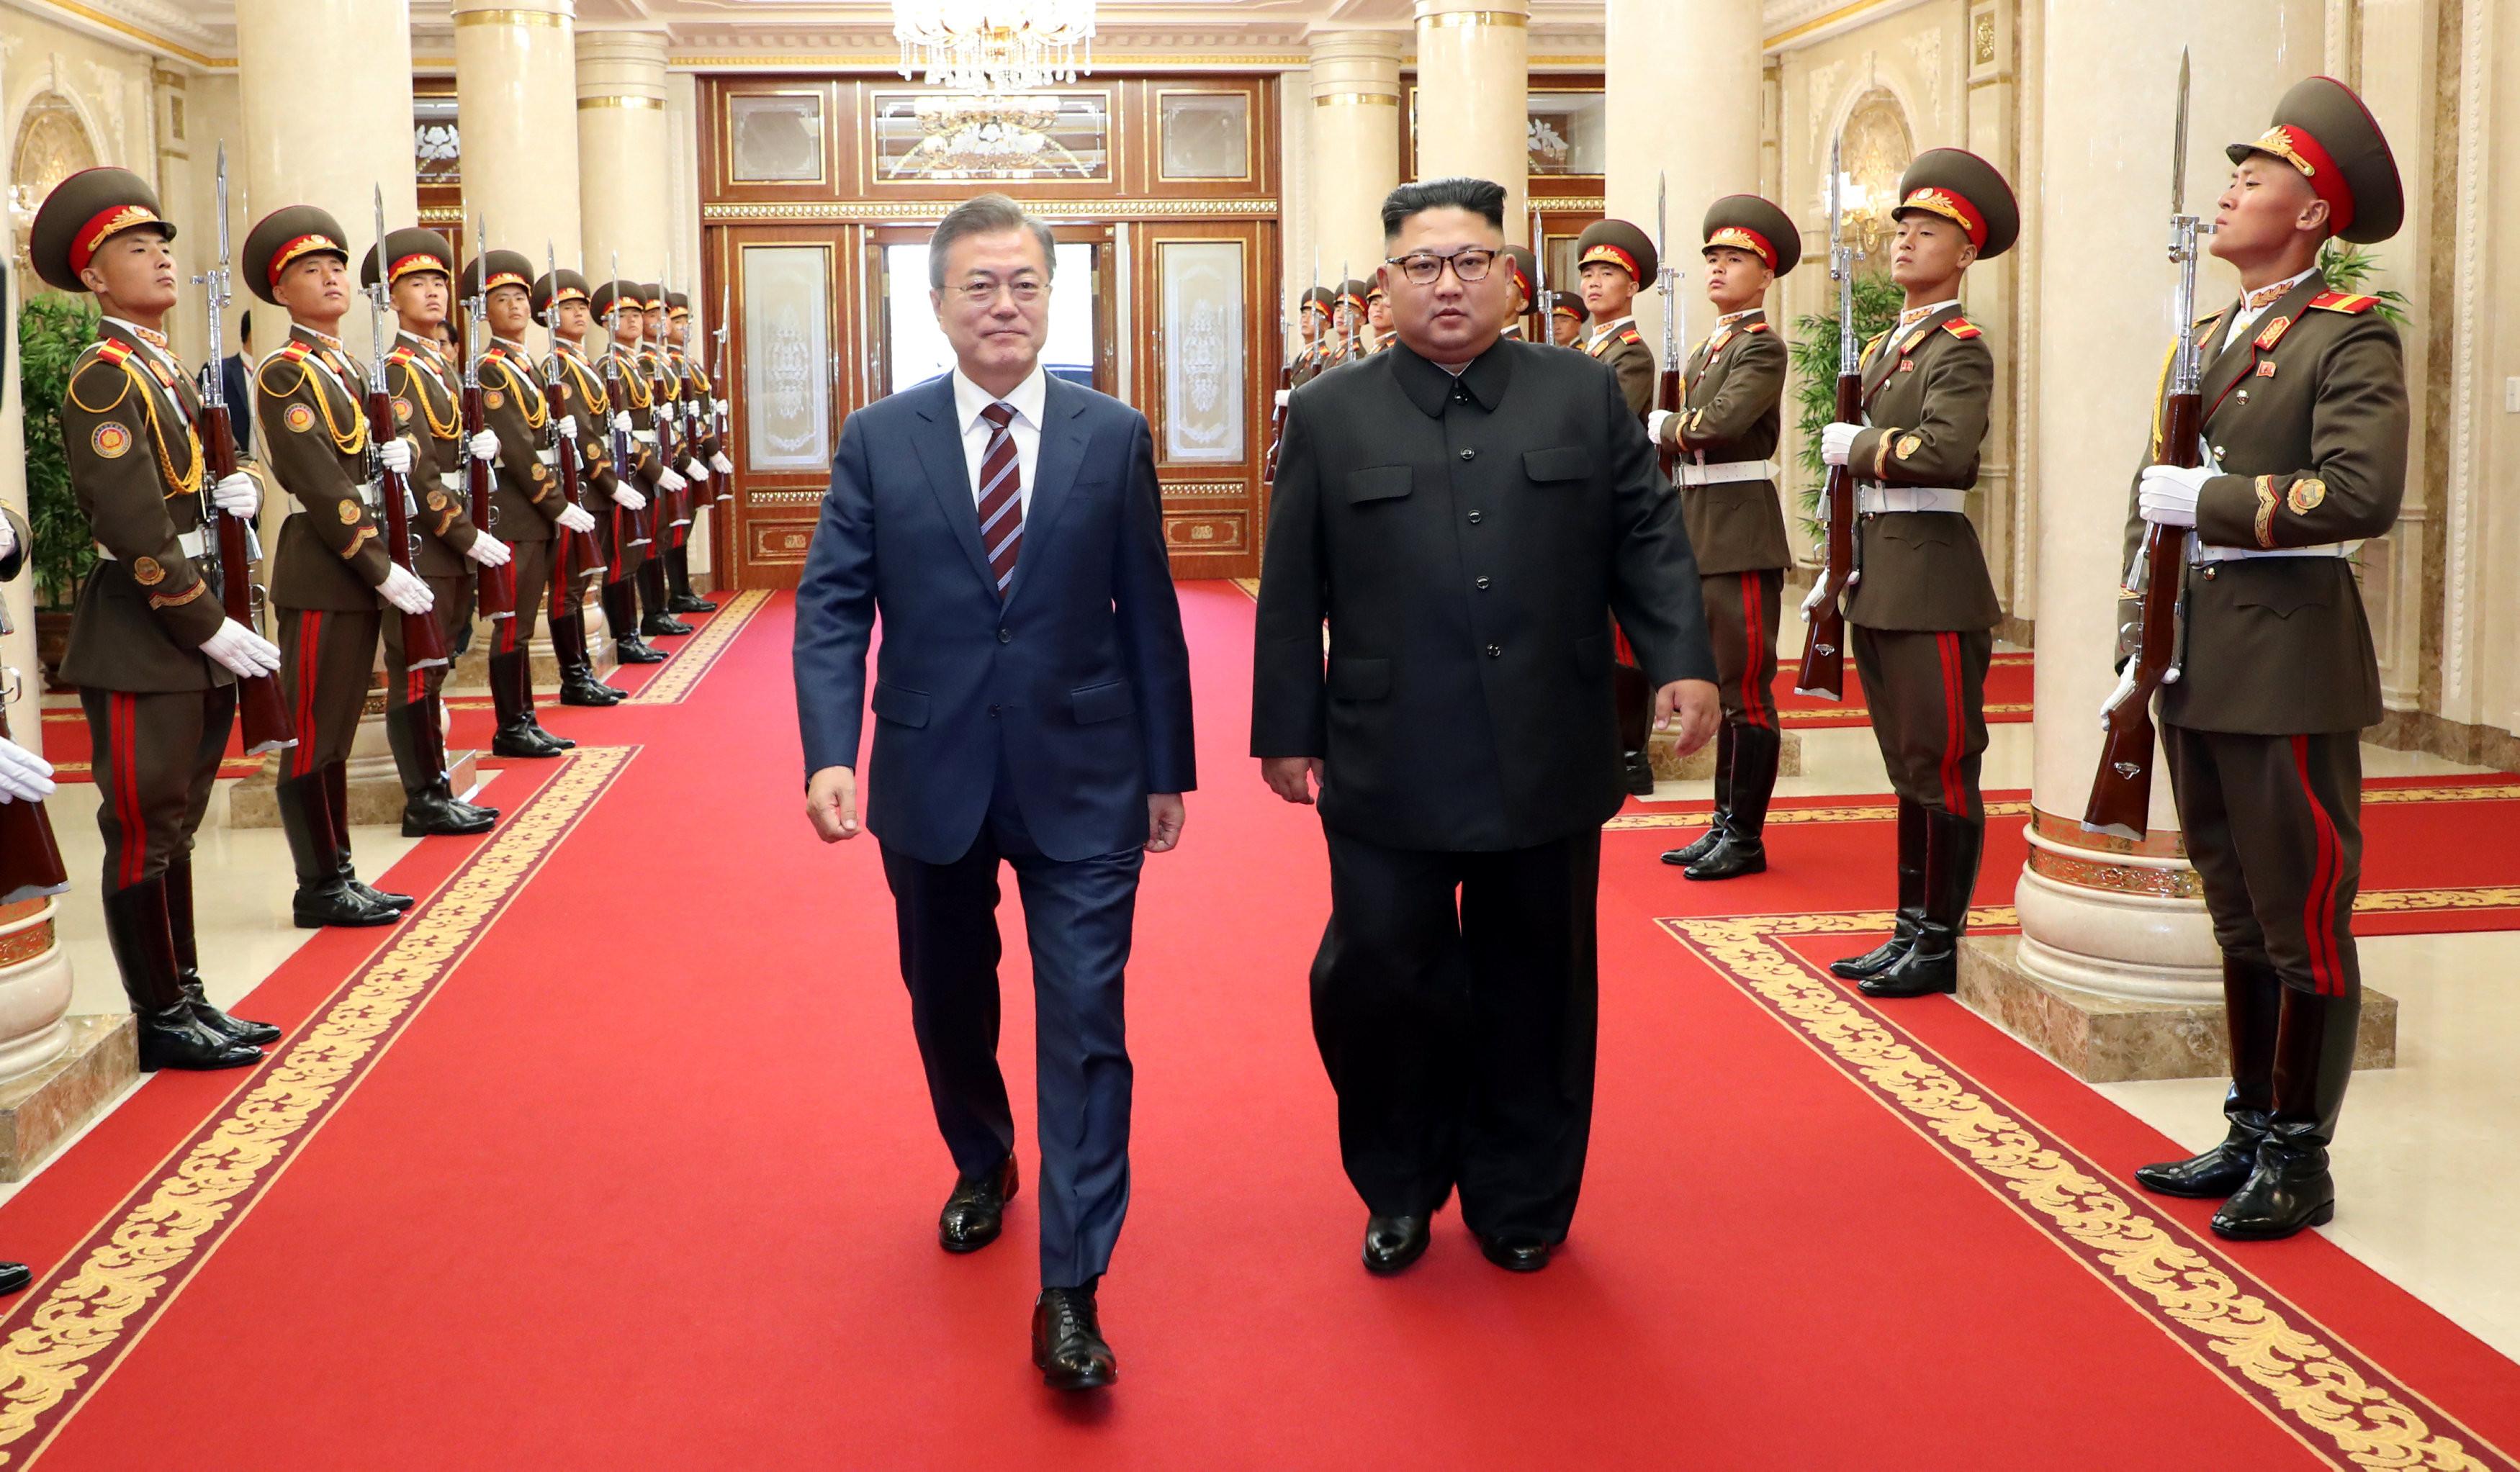 ▲▼文金三會,南北韓高峰會,文金會,平壤高峰會談,文在寅,金正恩。(圖/路透社)